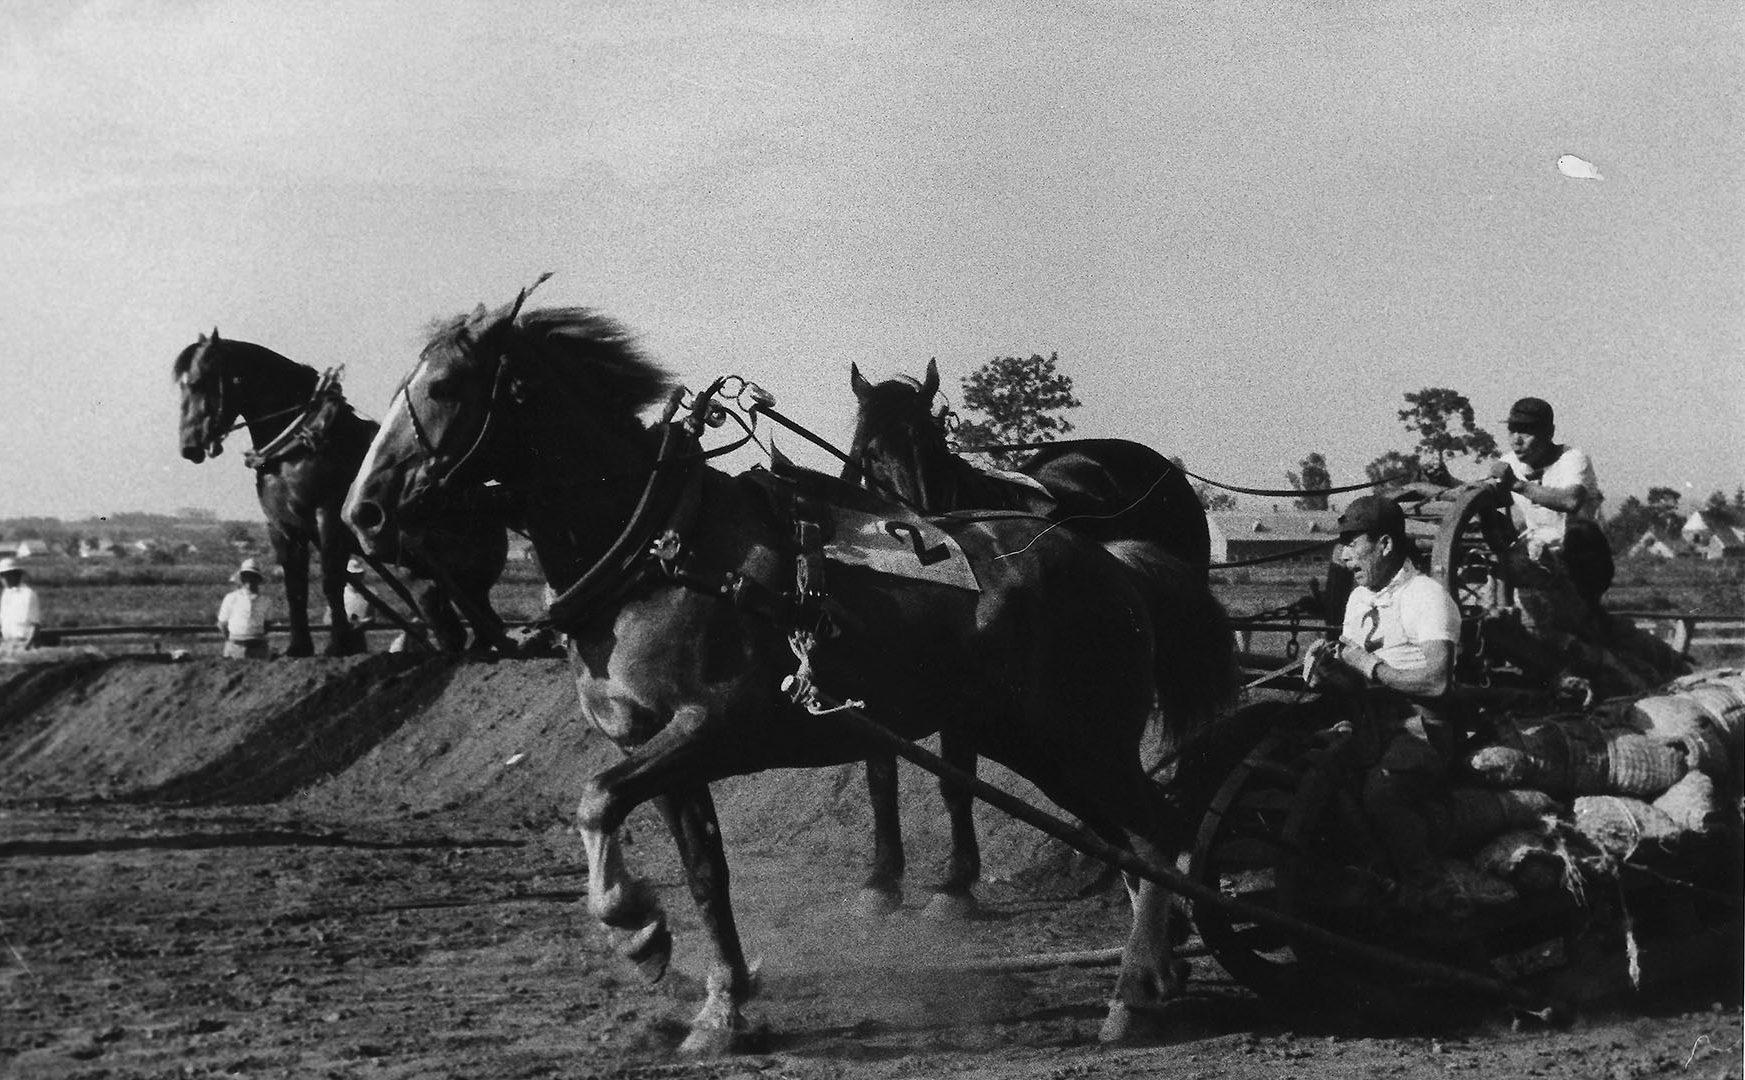 人と馬とが一体となる迫力のレース  ばんえい競馬はどうして生まれた?